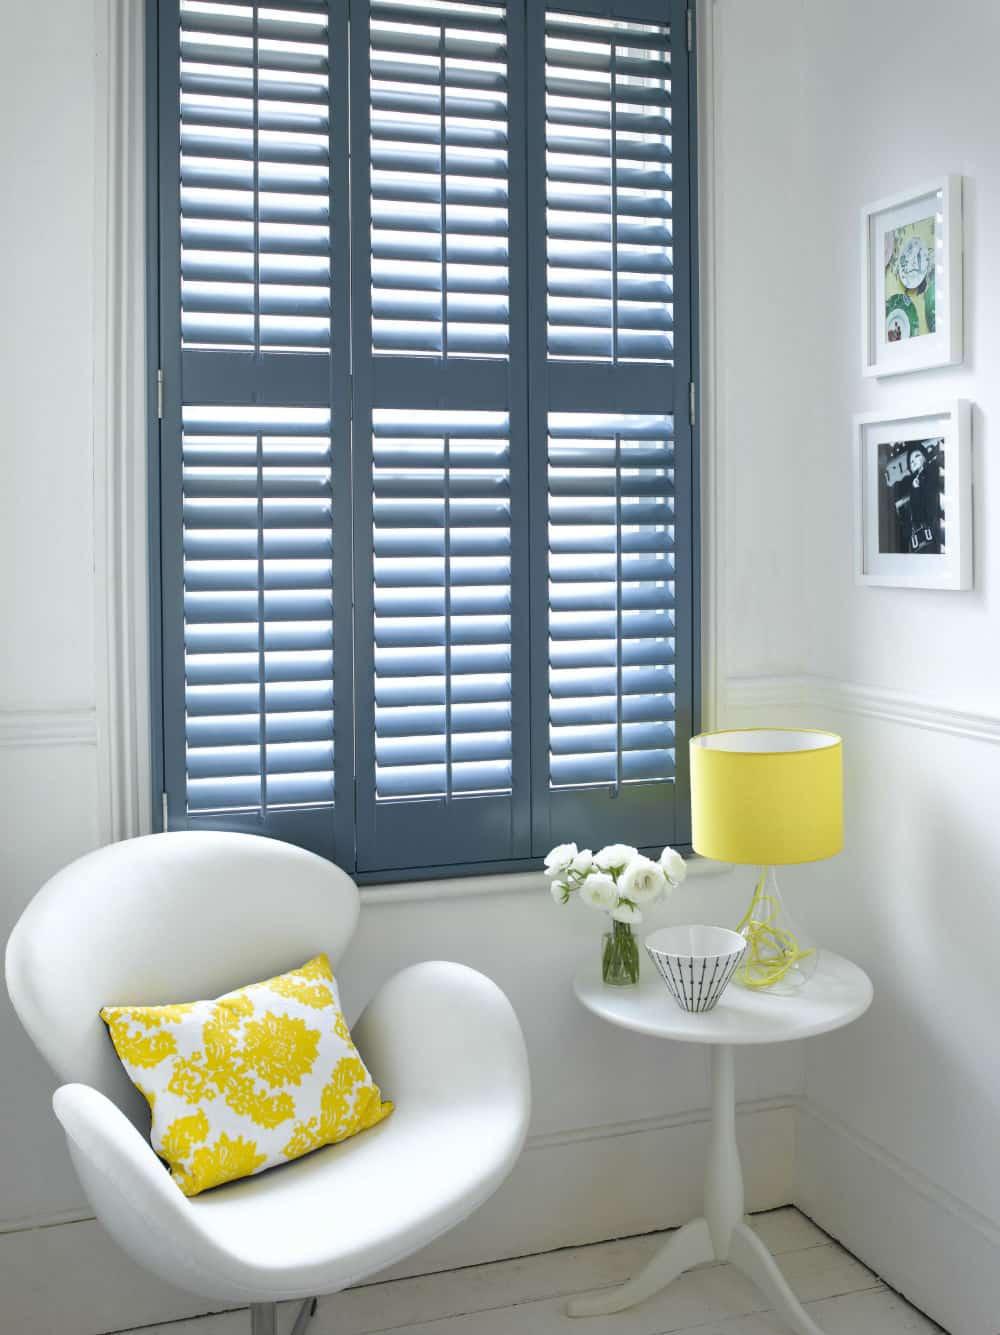 alderley edge window shutters